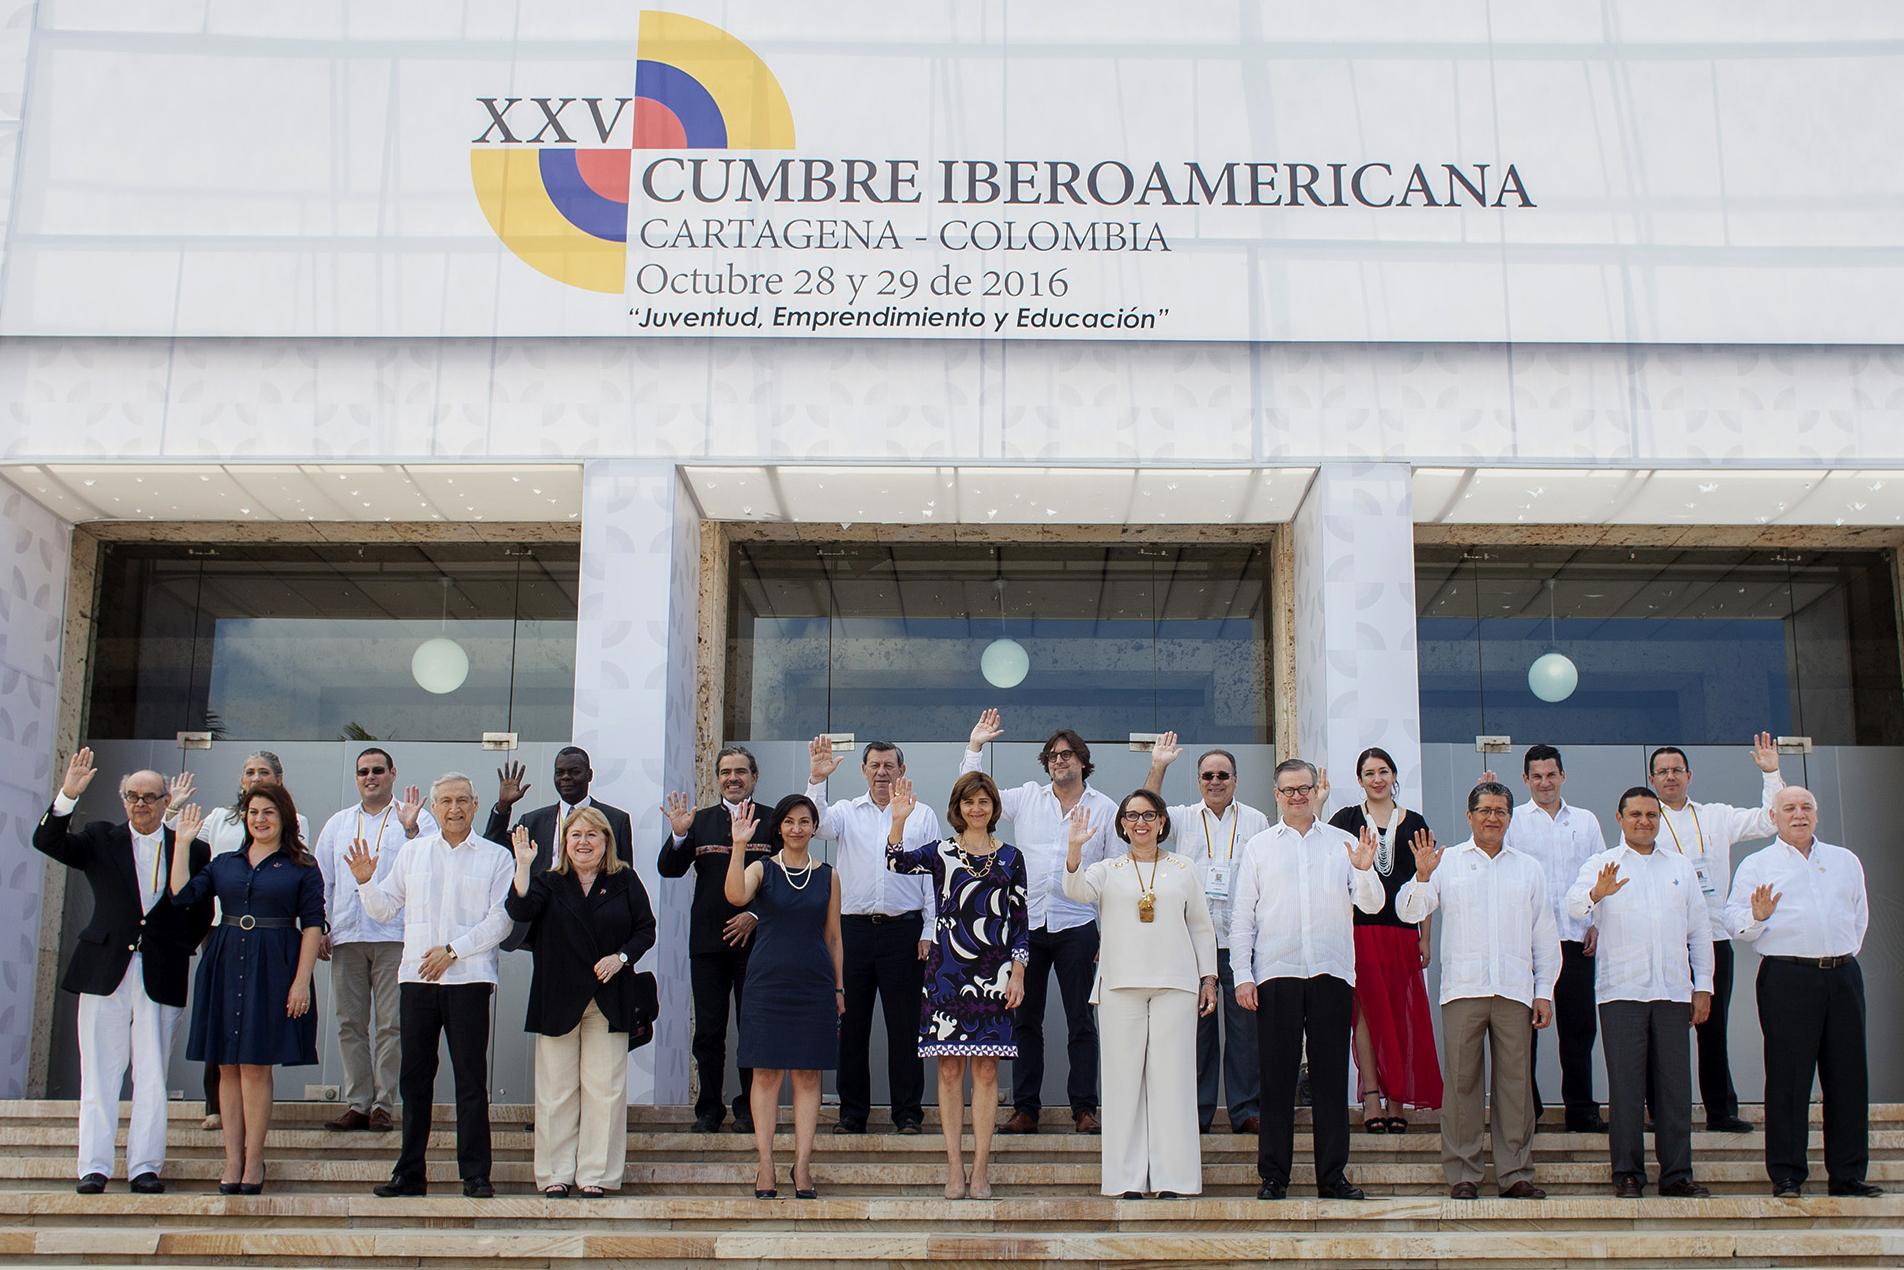 foto-oficial-de-la-reunion-de-ministros-de-relaciones-exteriores-de-la-xxv-cumbre-iberoamericana